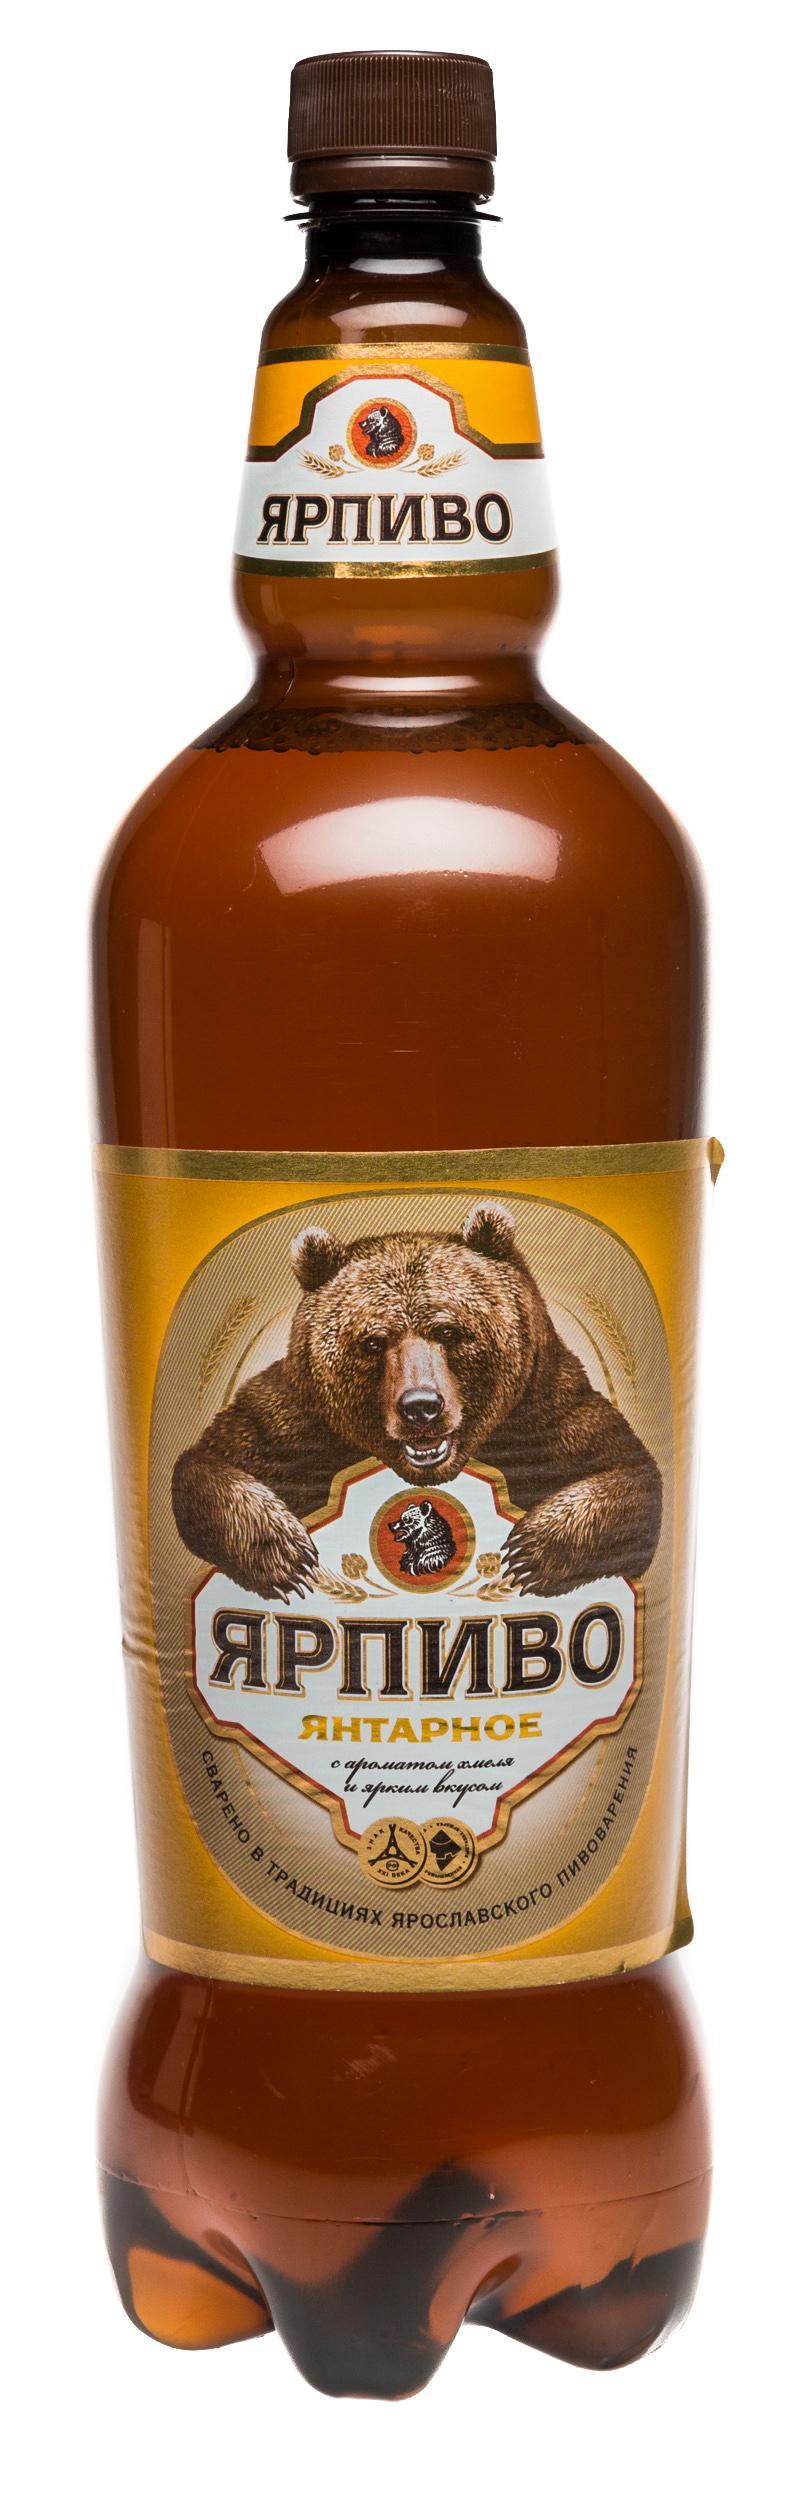 Пиво Янтарное светлое 4,7% Ярпиво 1.35 л., Пластиковая бутылка